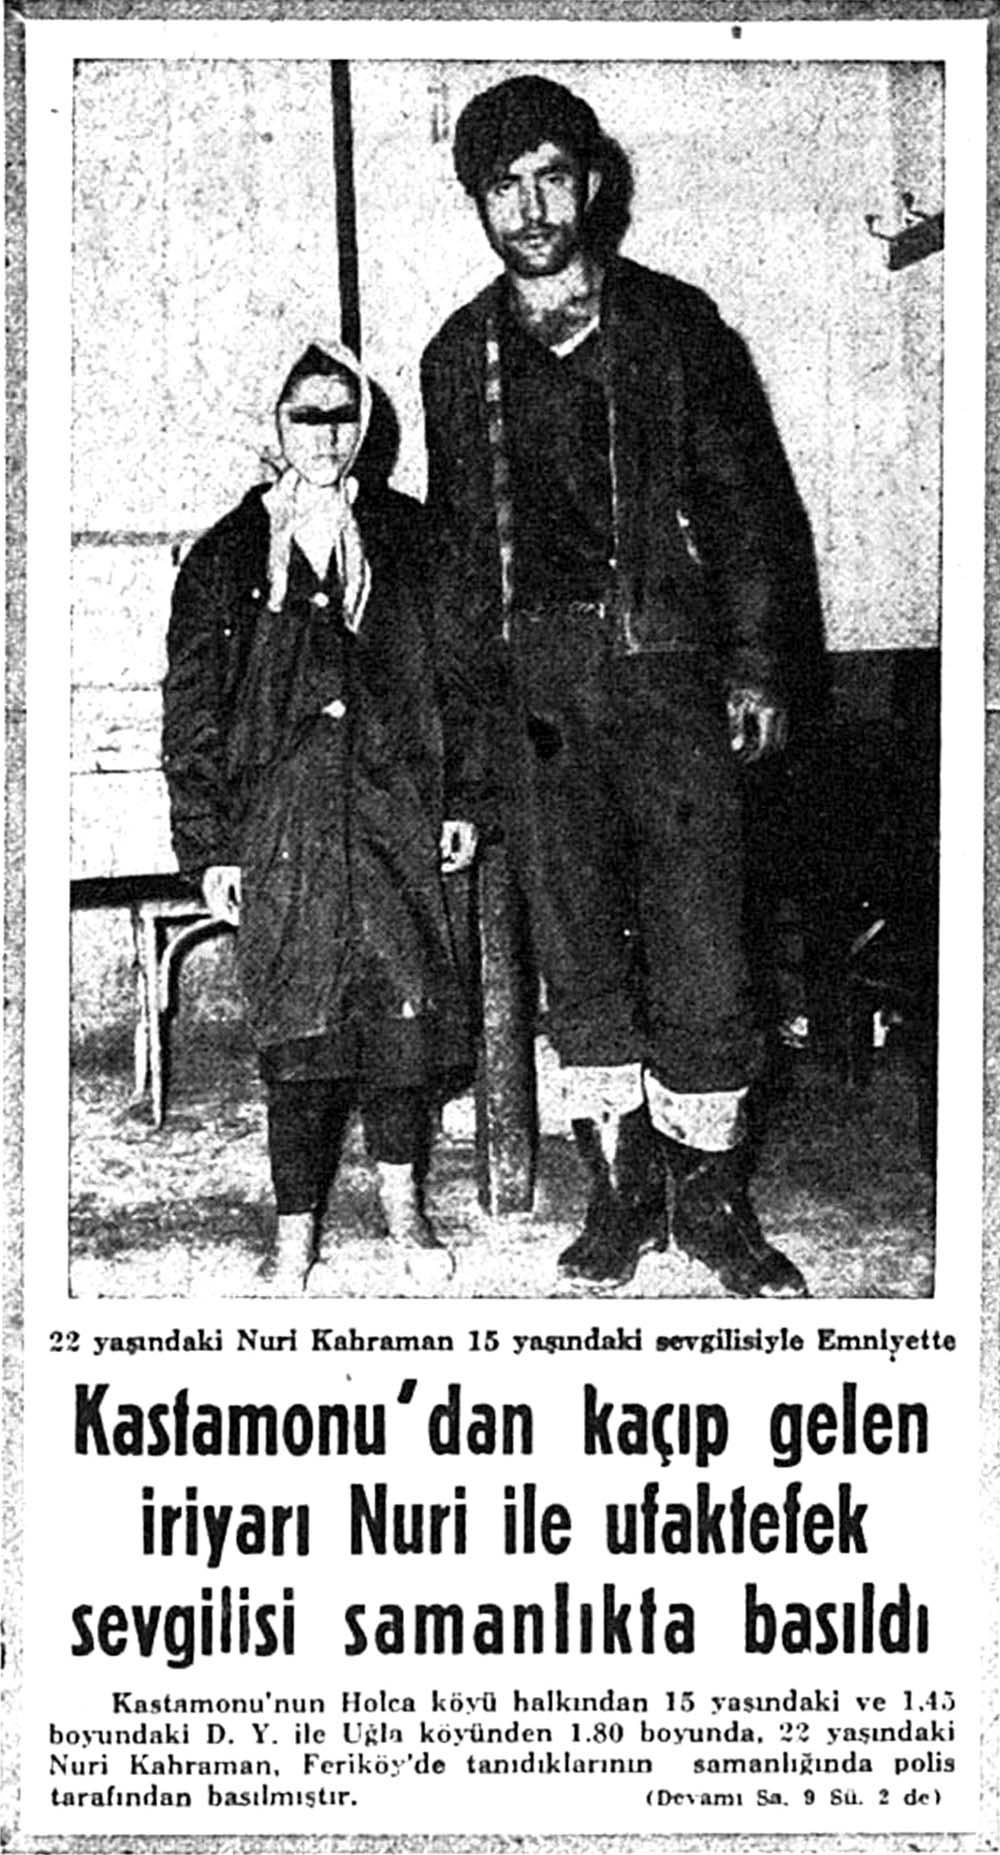 Kastamonu'dan kaçıp gelen iriyarı Nuri ile ufaktefek sevgilisi samanlıkta basıldı